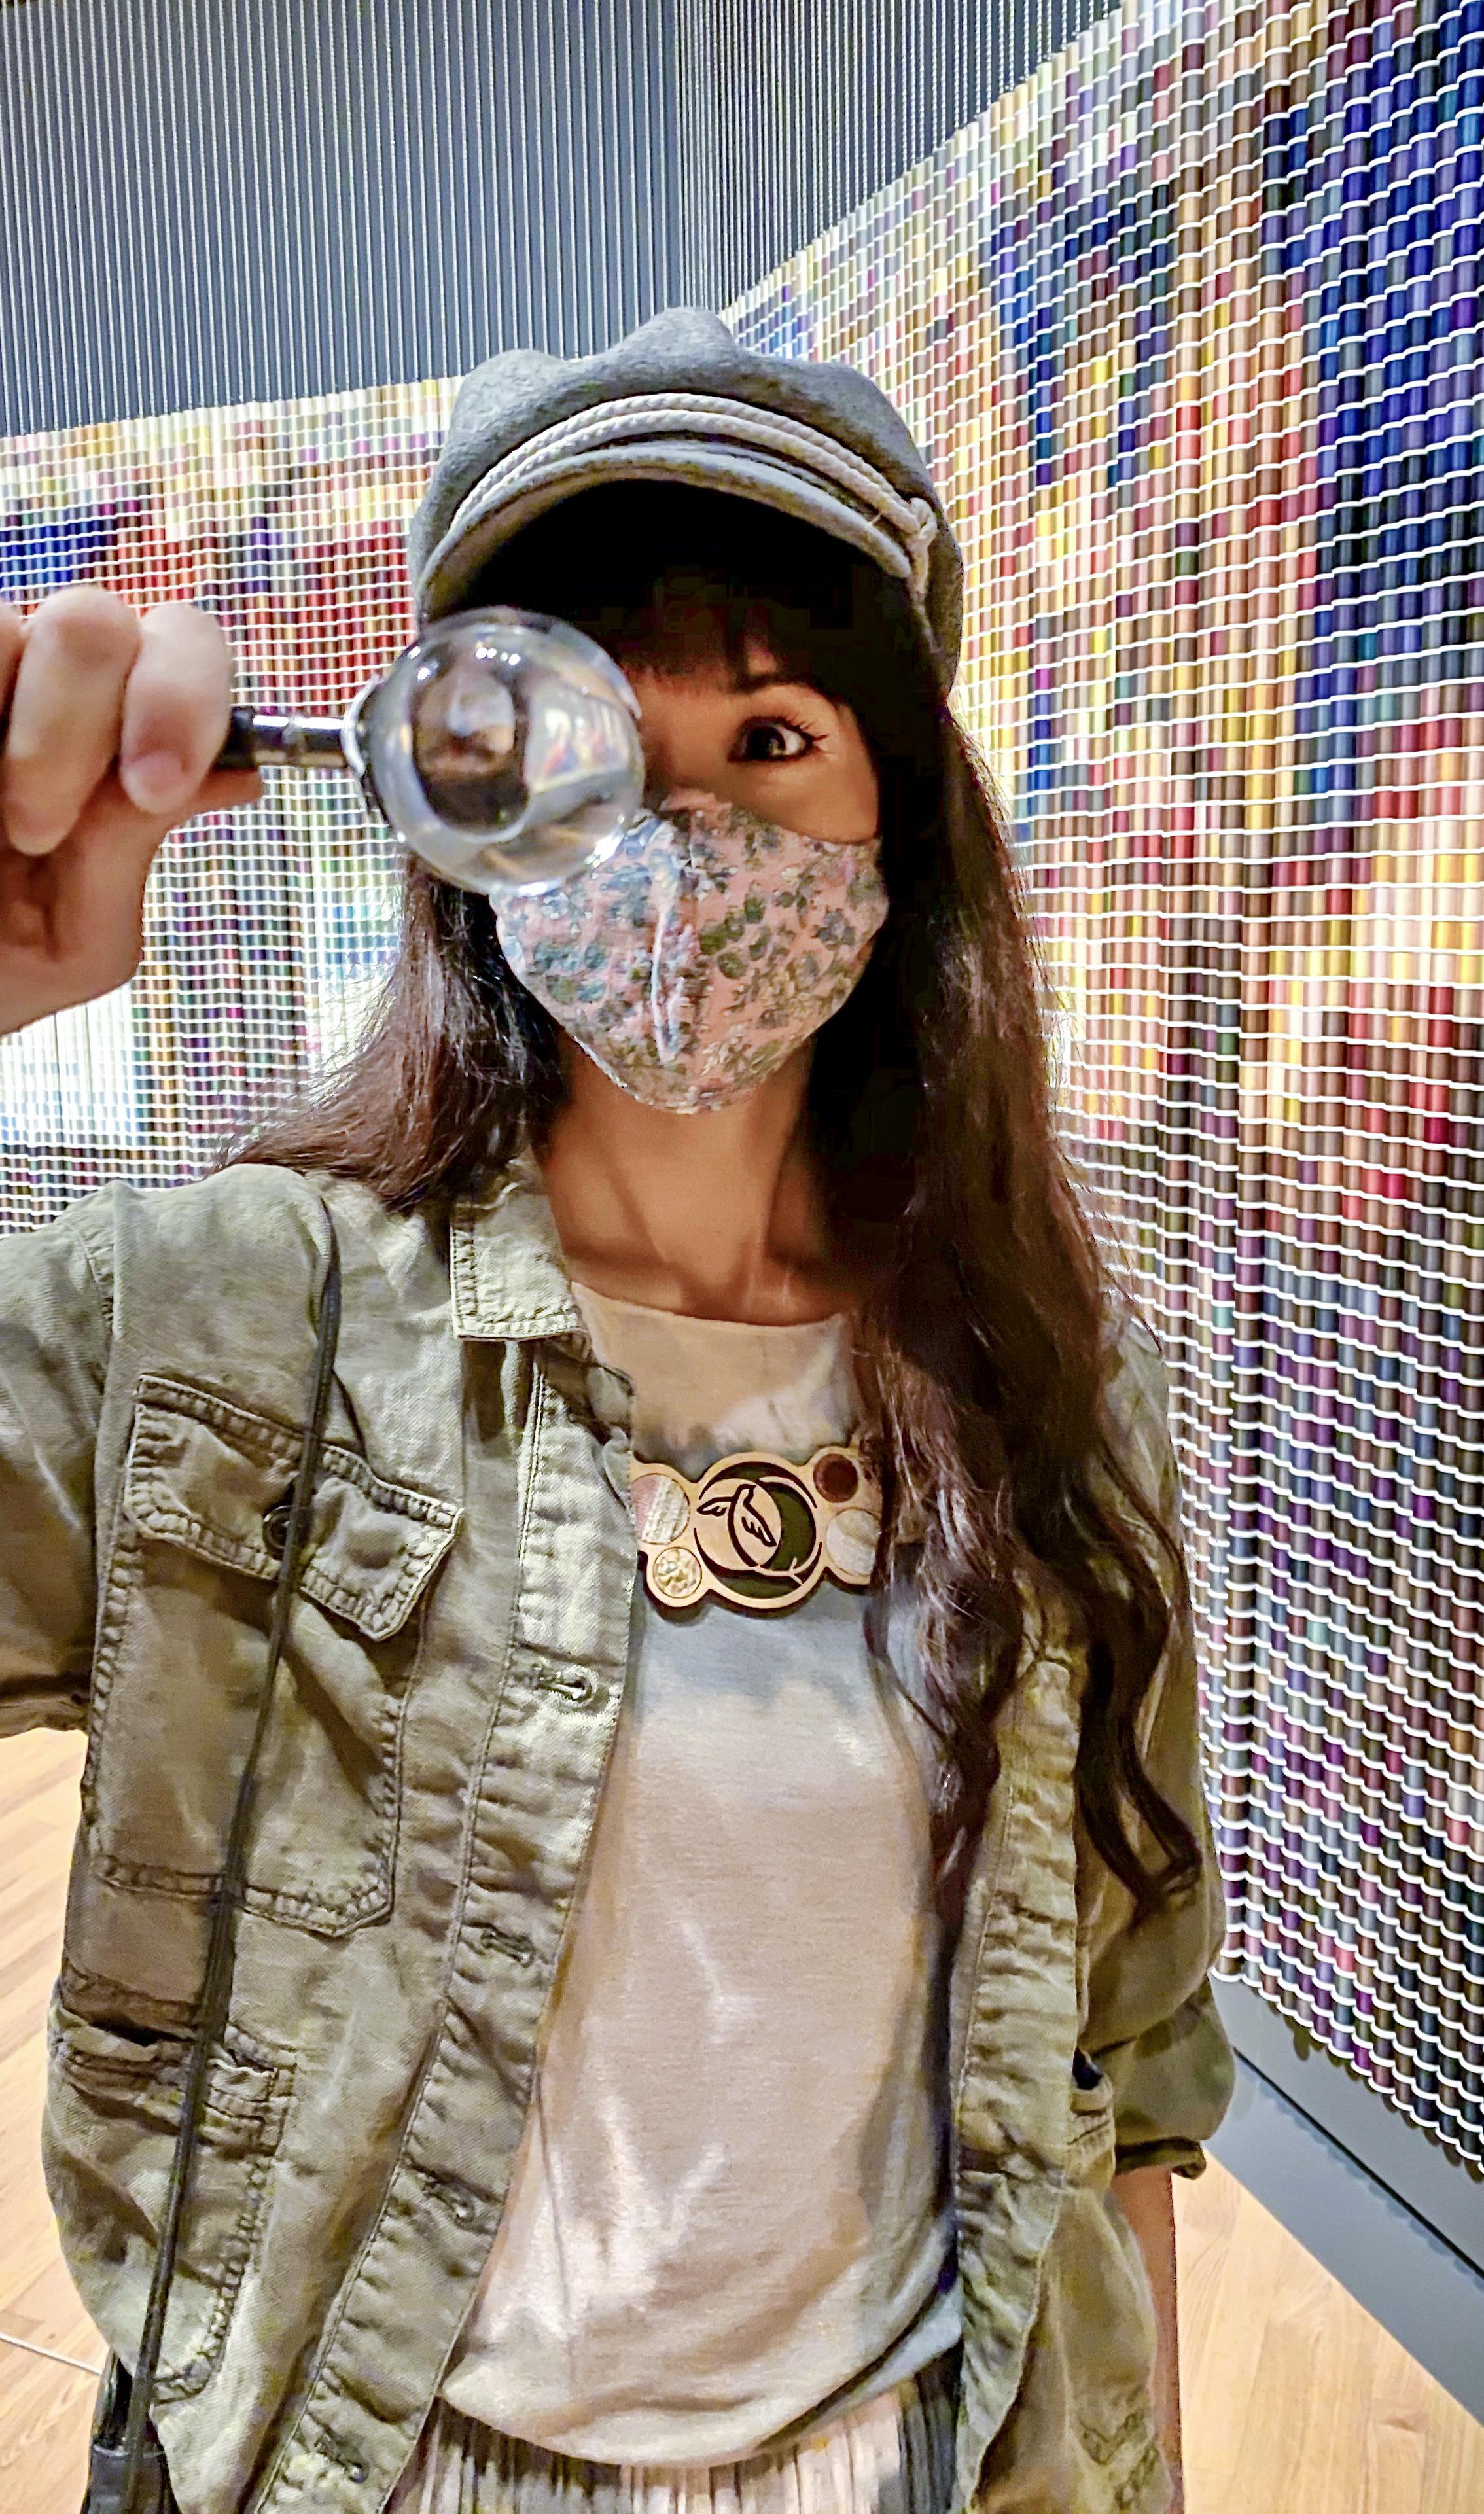 Alyssa Bird wearing Regenerous Designs accessories at Crystal Bridges Art Museum in Bentonville, AR